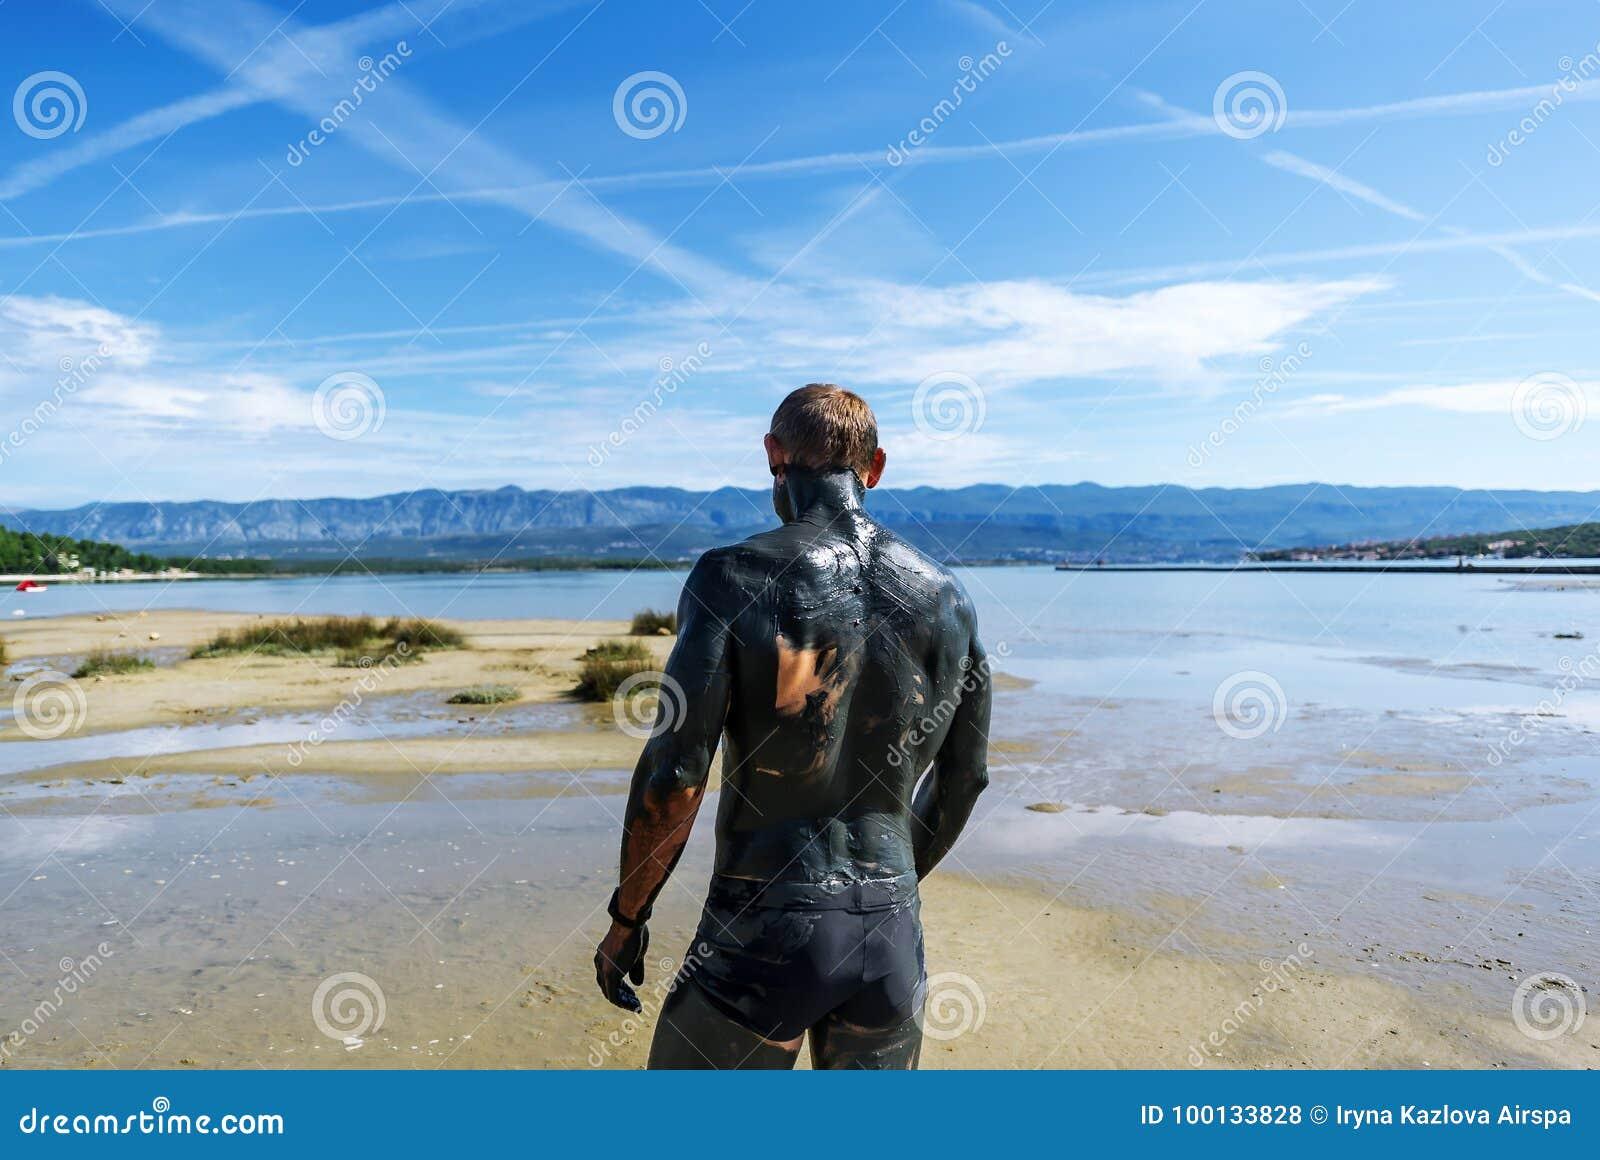 Mężczyzna zakrywający z leczniczym błotem chodzi na plaży